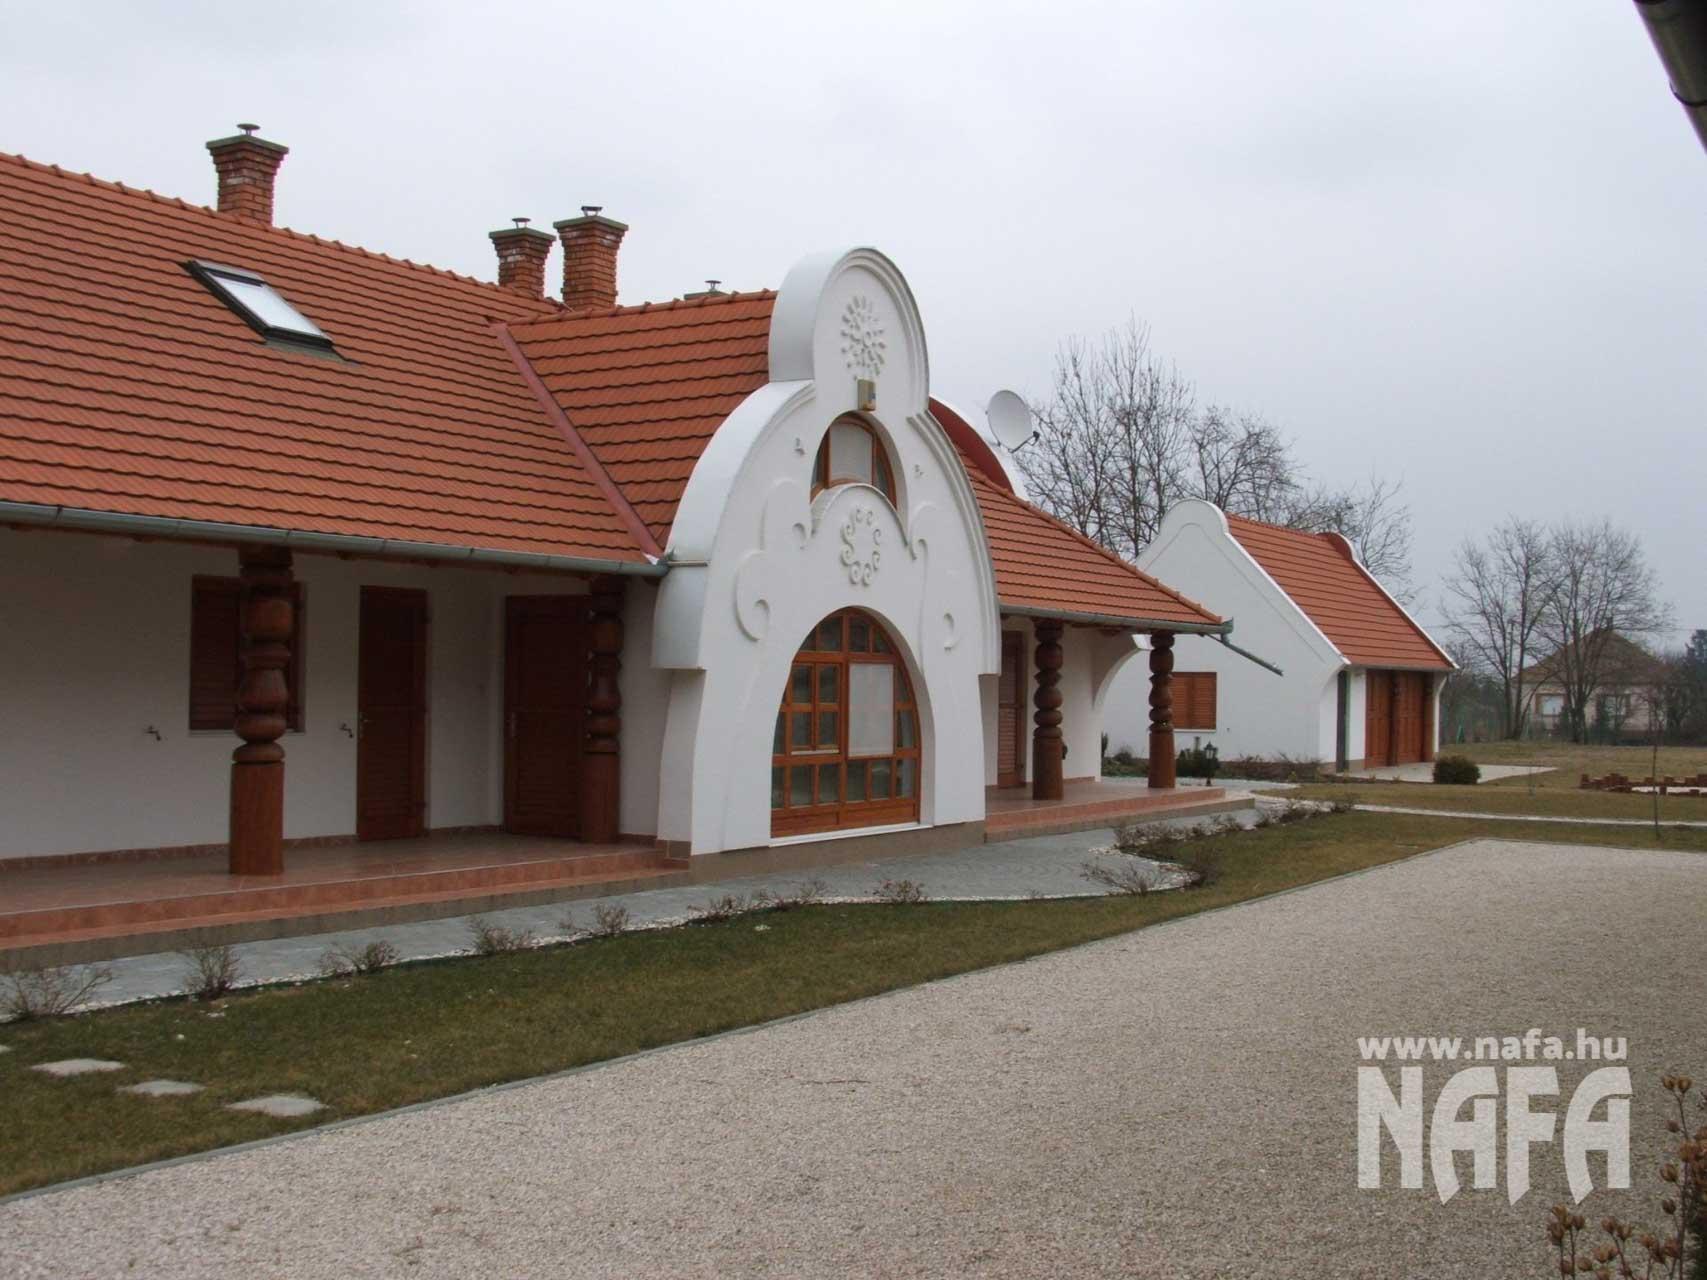 Fa nyílászárók, egyedi festett ablakok és bejáratiajtó, Marcali Családiház